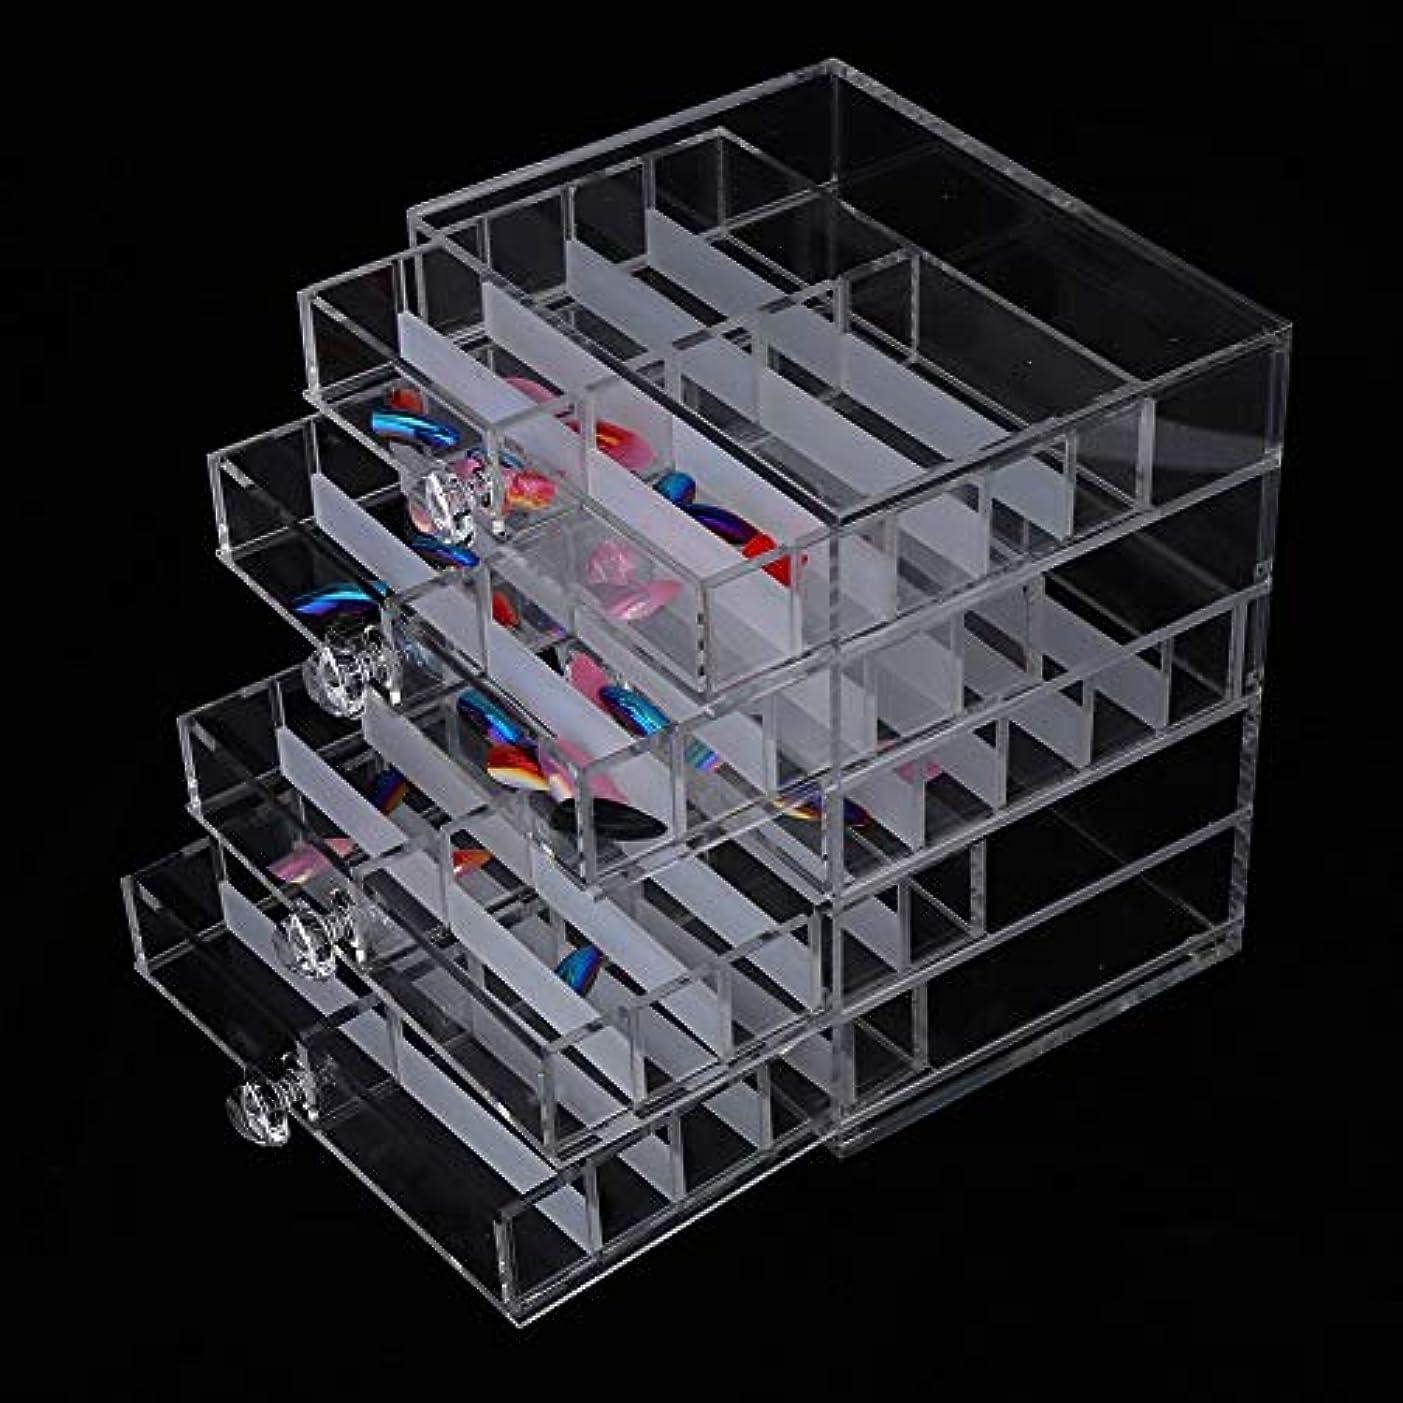 ペインティング大洪水キャンベラアクリルネイルチップ収納ボックス 引き出し付き 透明偽ネイルチップ空 ネイルアートツール収納コンテナボードディスプレイボックス